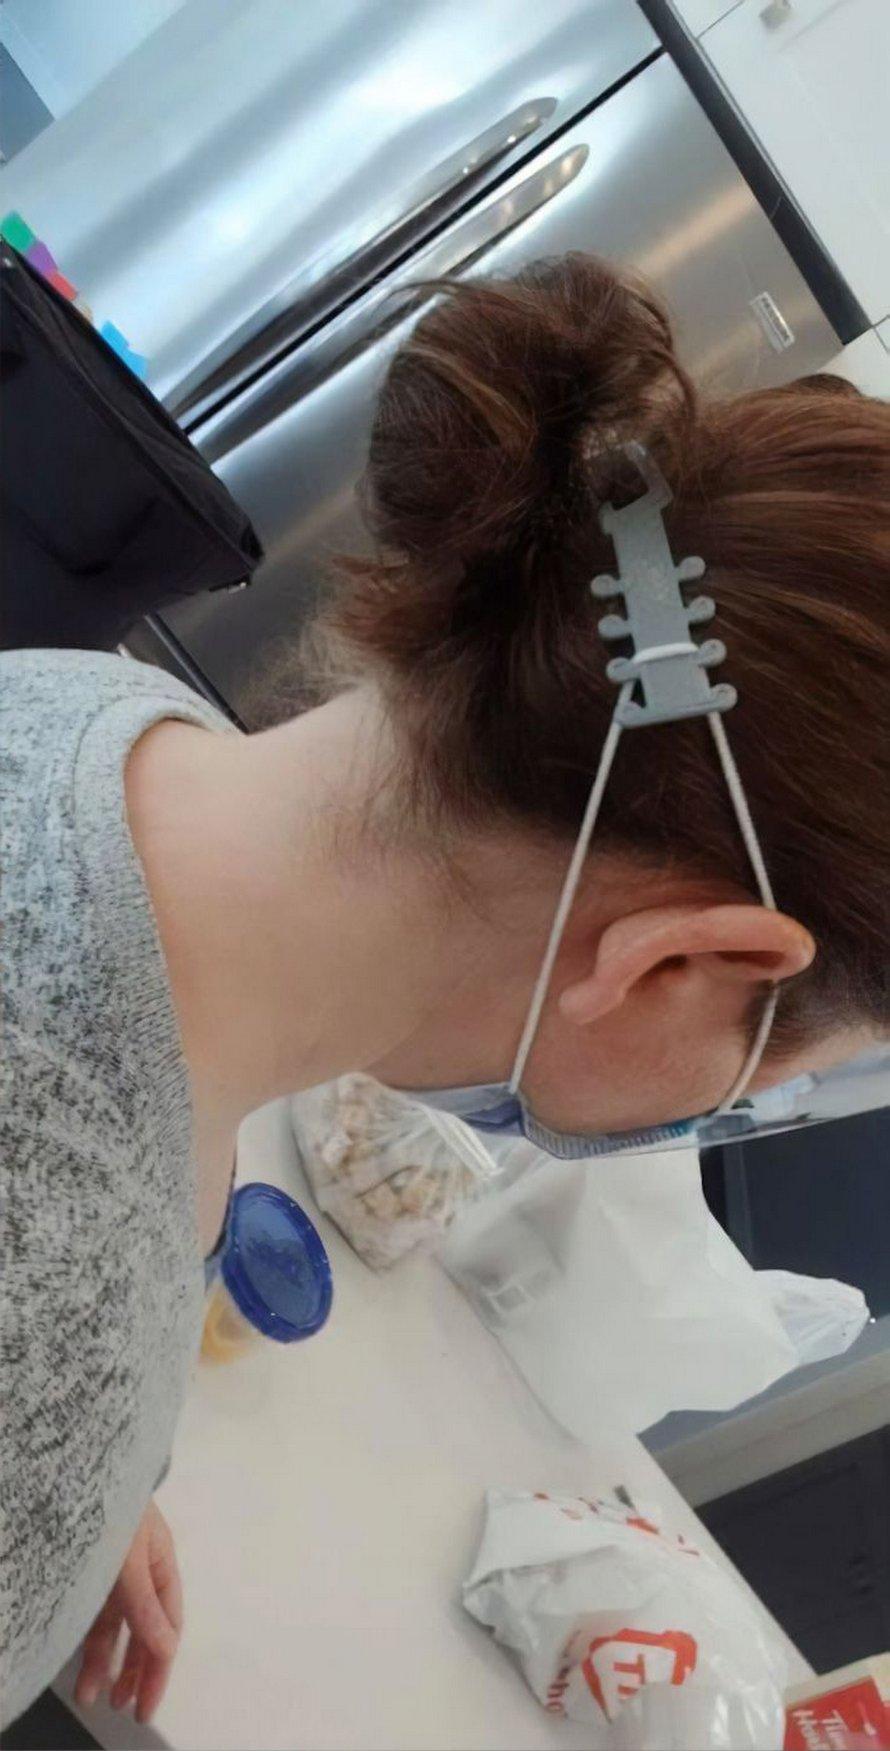 Ce scout canadien a fabriqué un «protège-oreilles» pour soulager la douleur du personnel médical qui doit porter un masque toute la journée